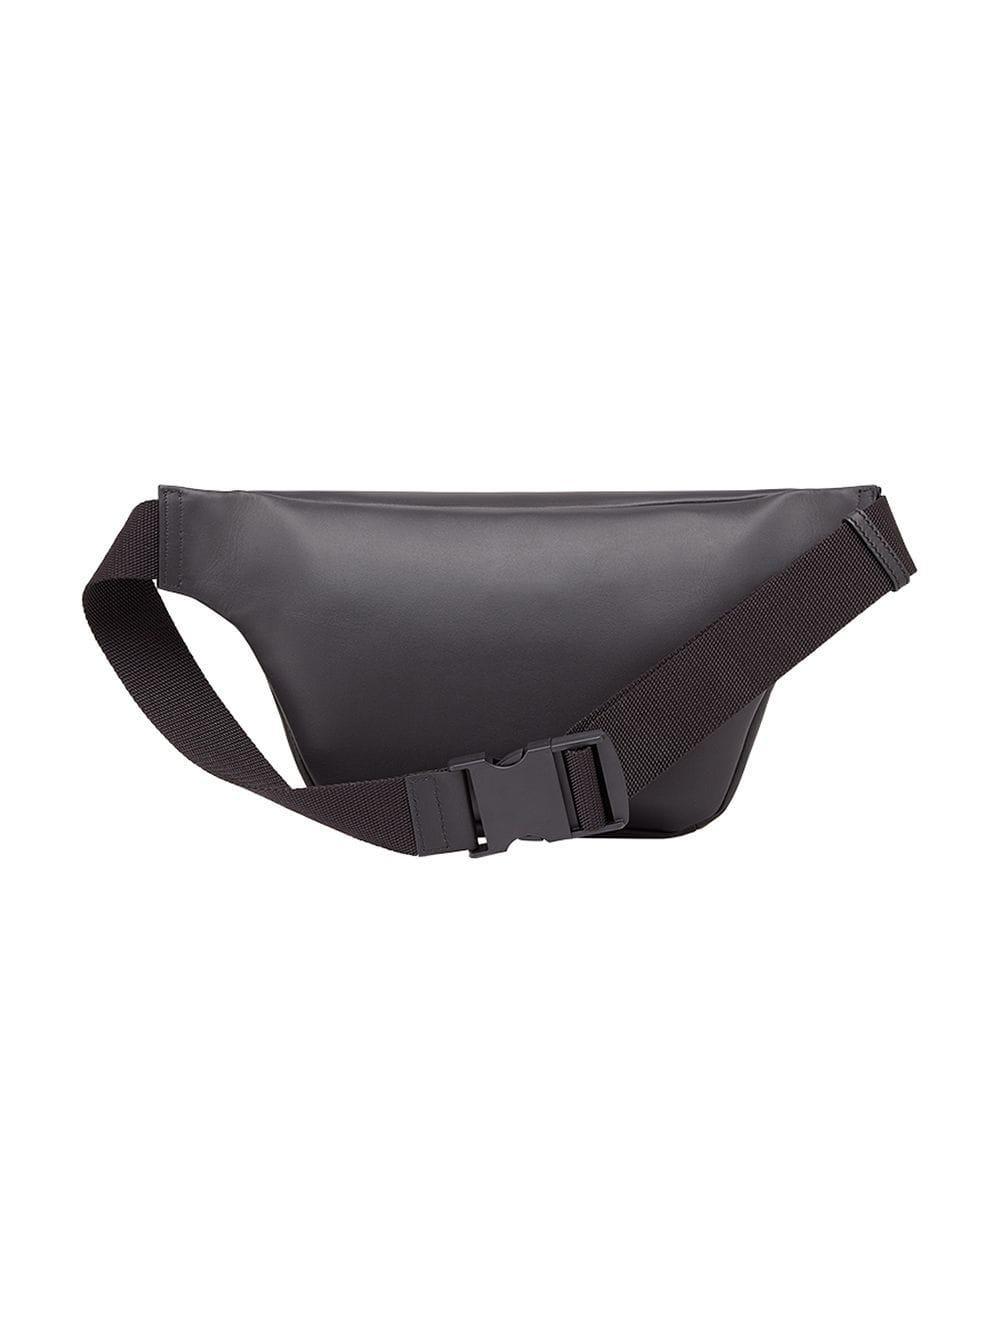 525e9ba2932 Lyst - Fendi Bag Bugs Belt Bag in Black for Men